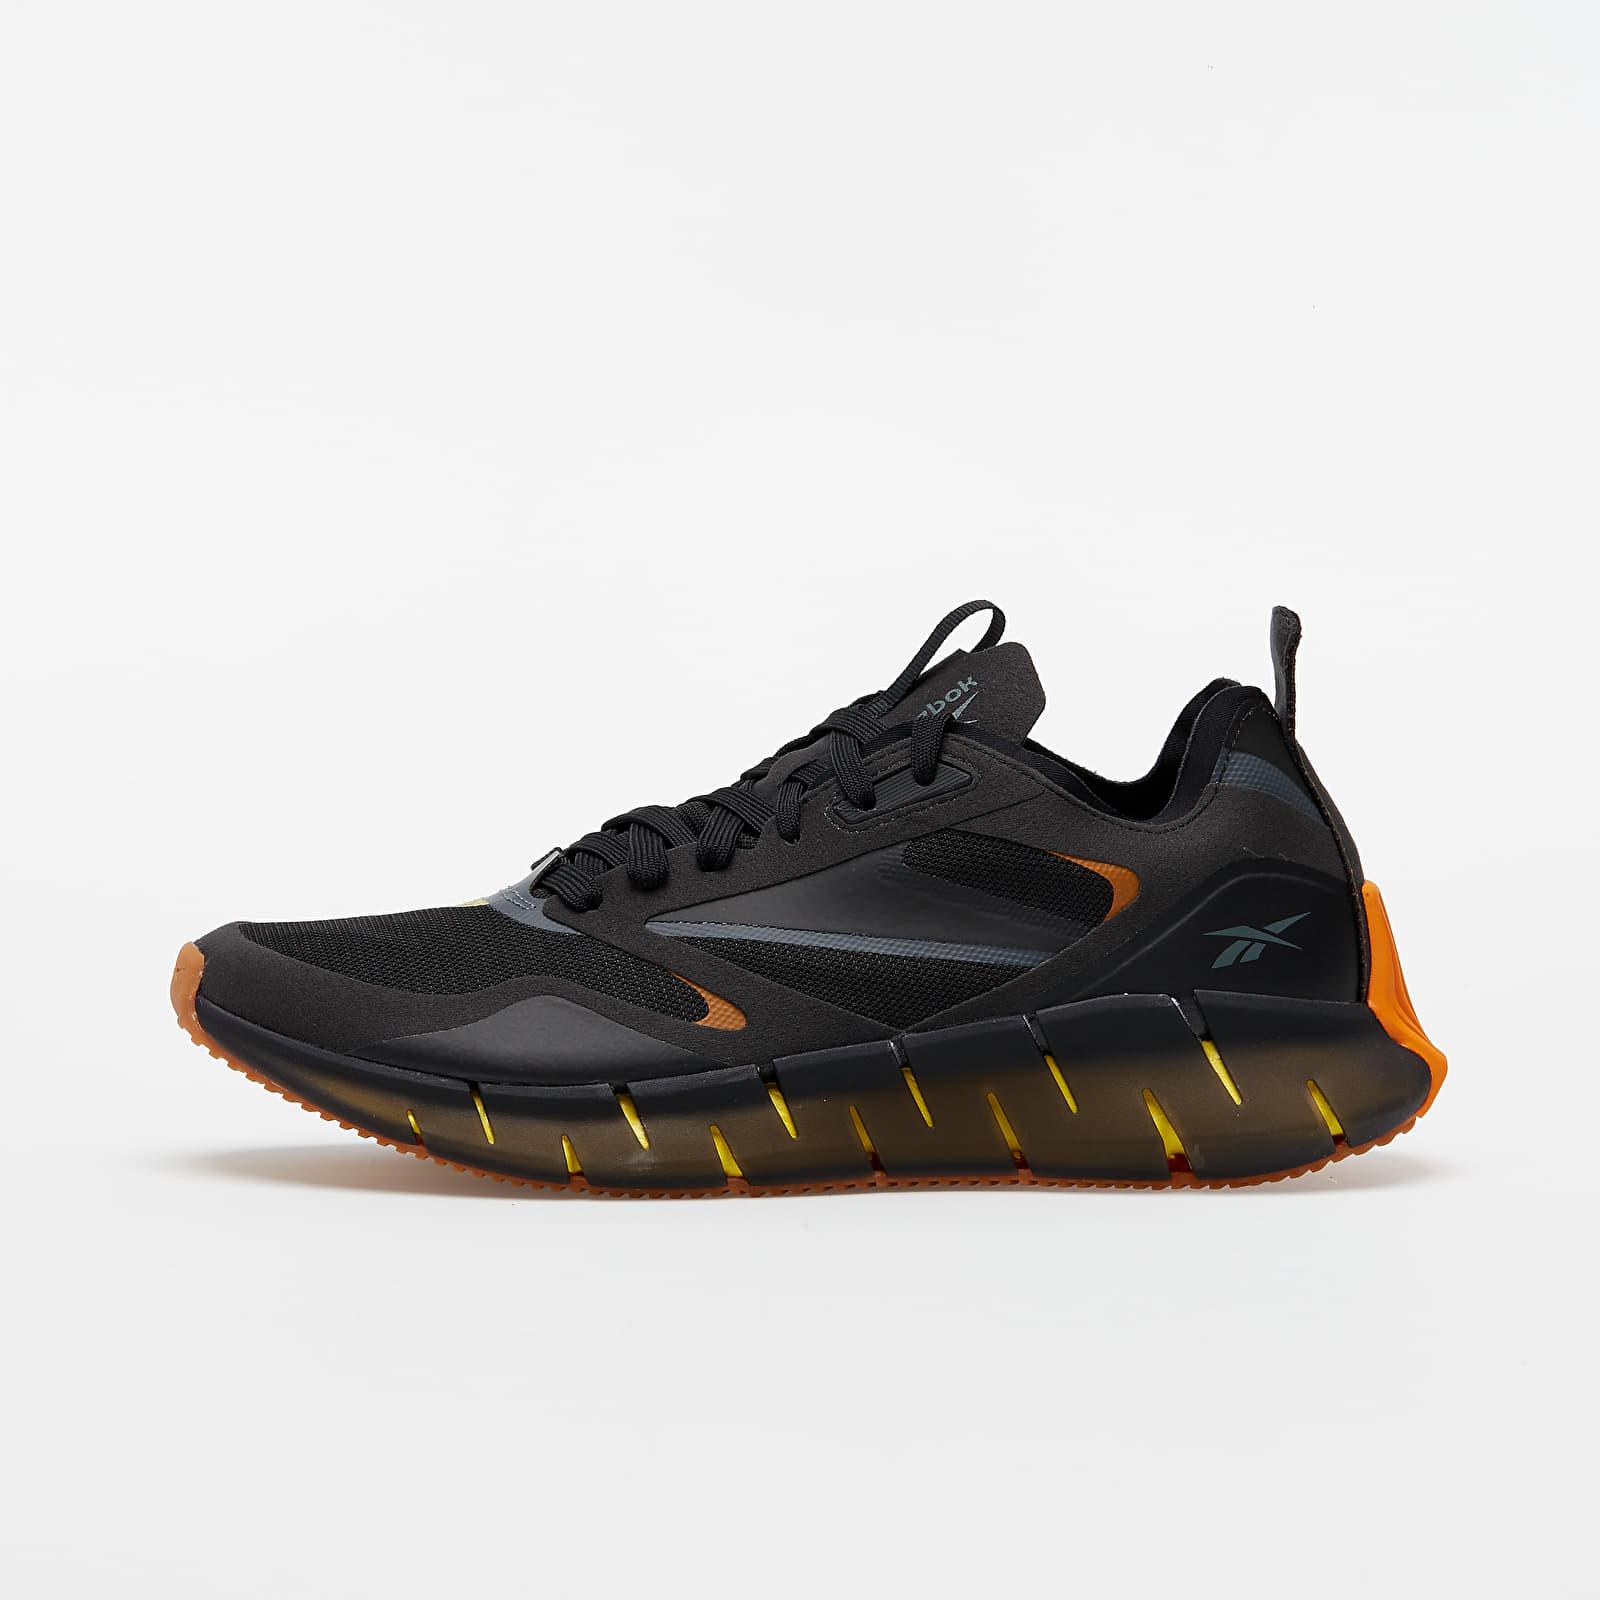 Încălțăminte și sneakerși pentru bărbați Reebok Zig Kinetica Horizon Black/ True Grey 7/ Utility Yellow